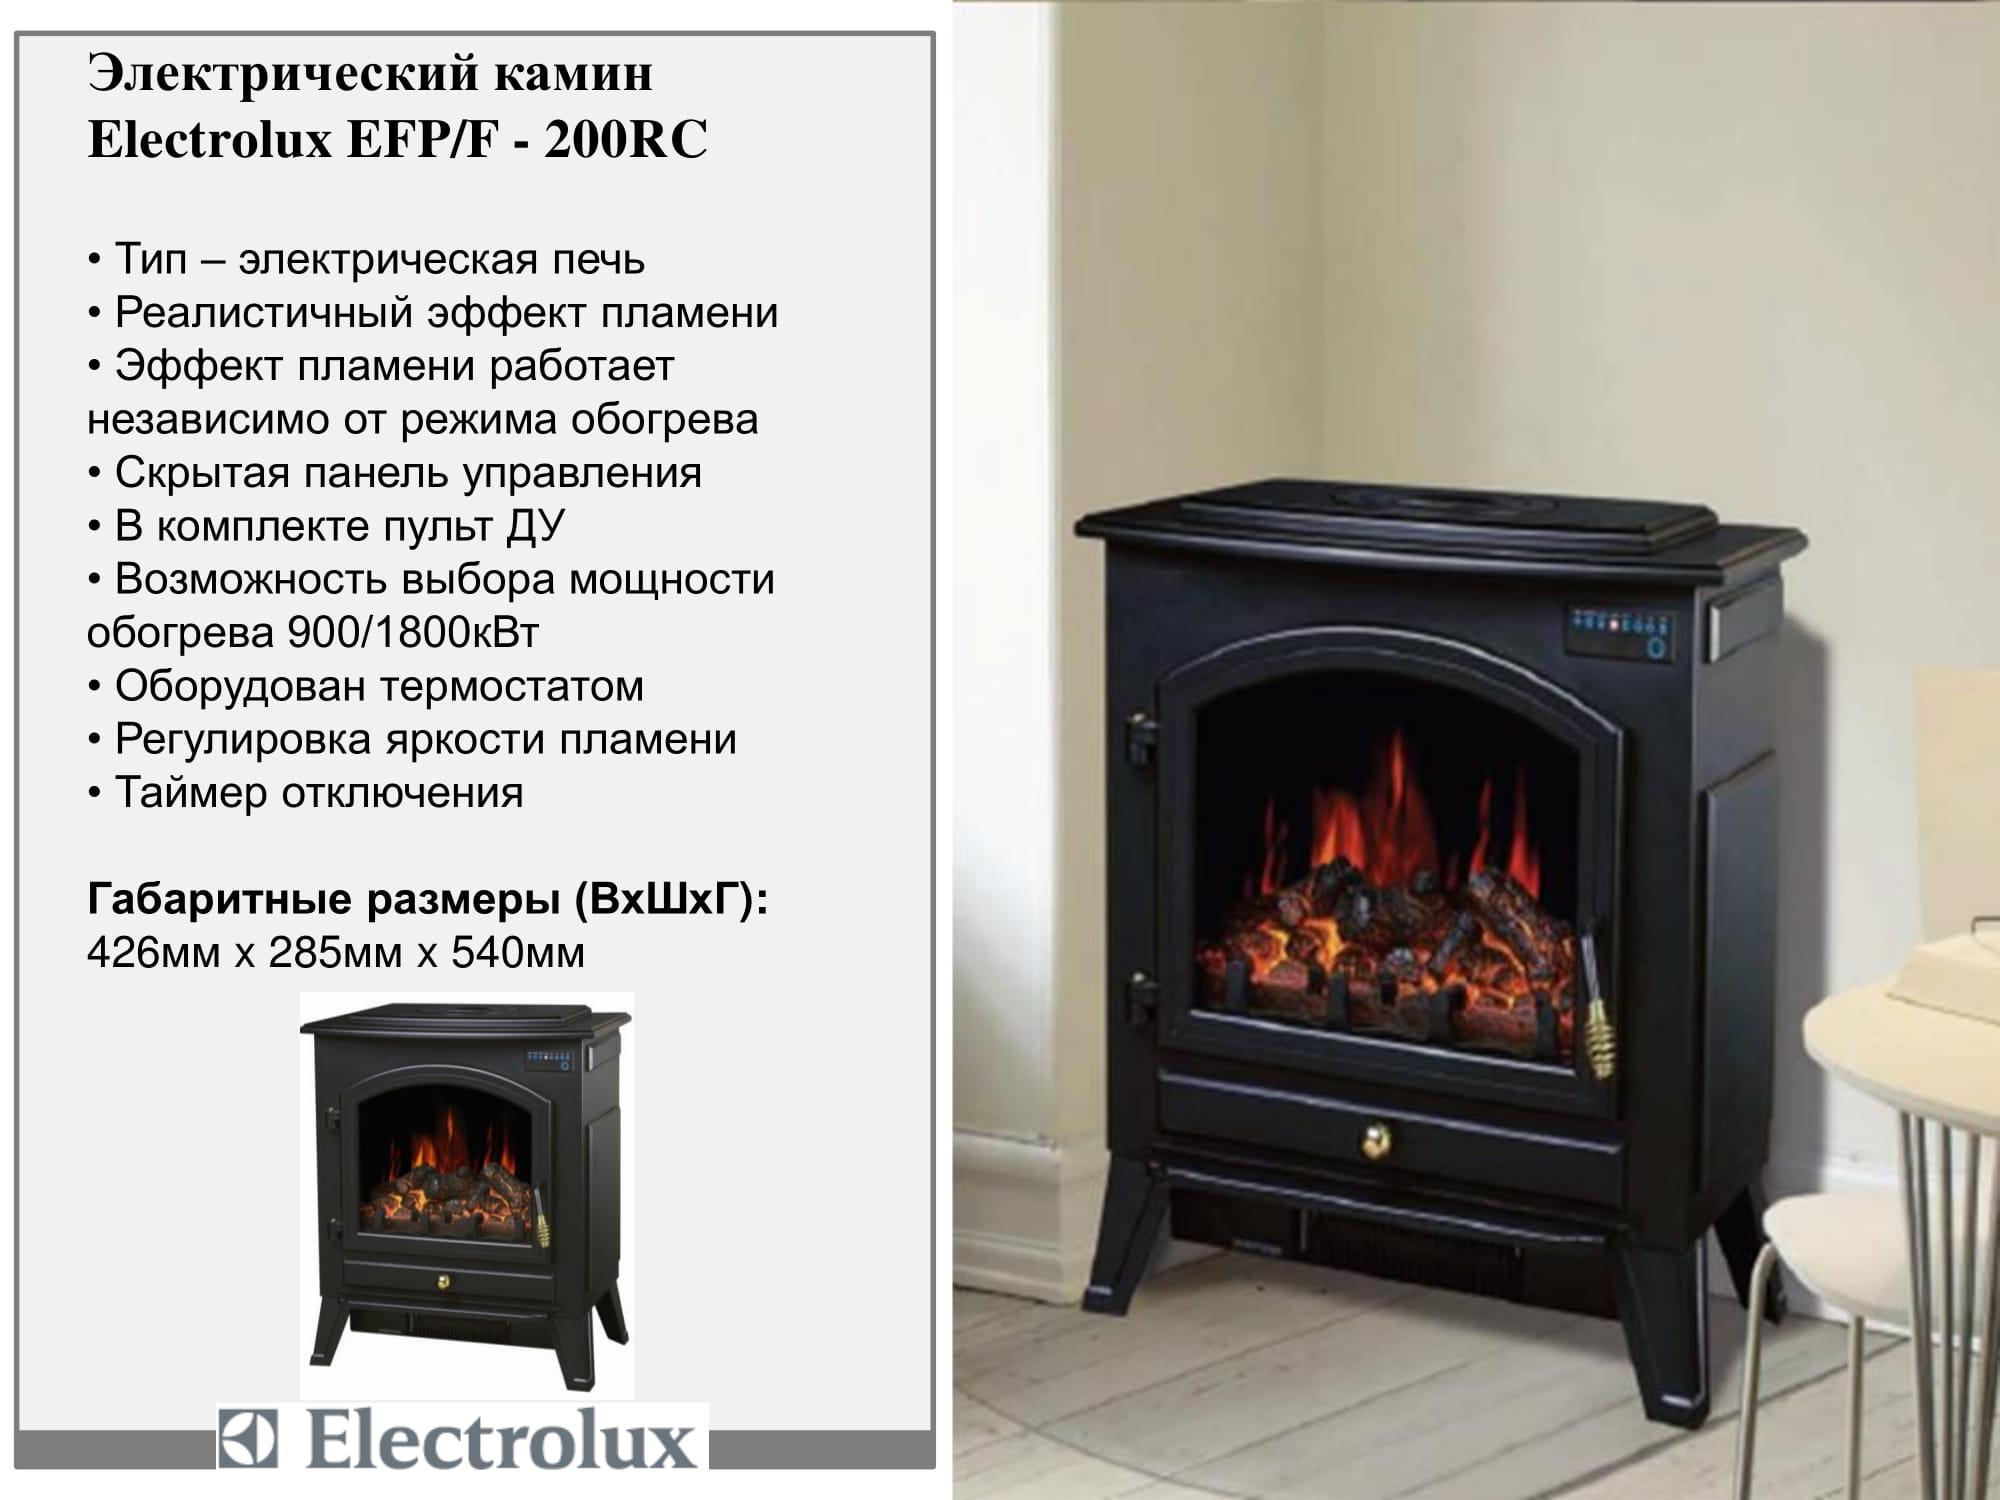 Electrolux EFP/F-200RC